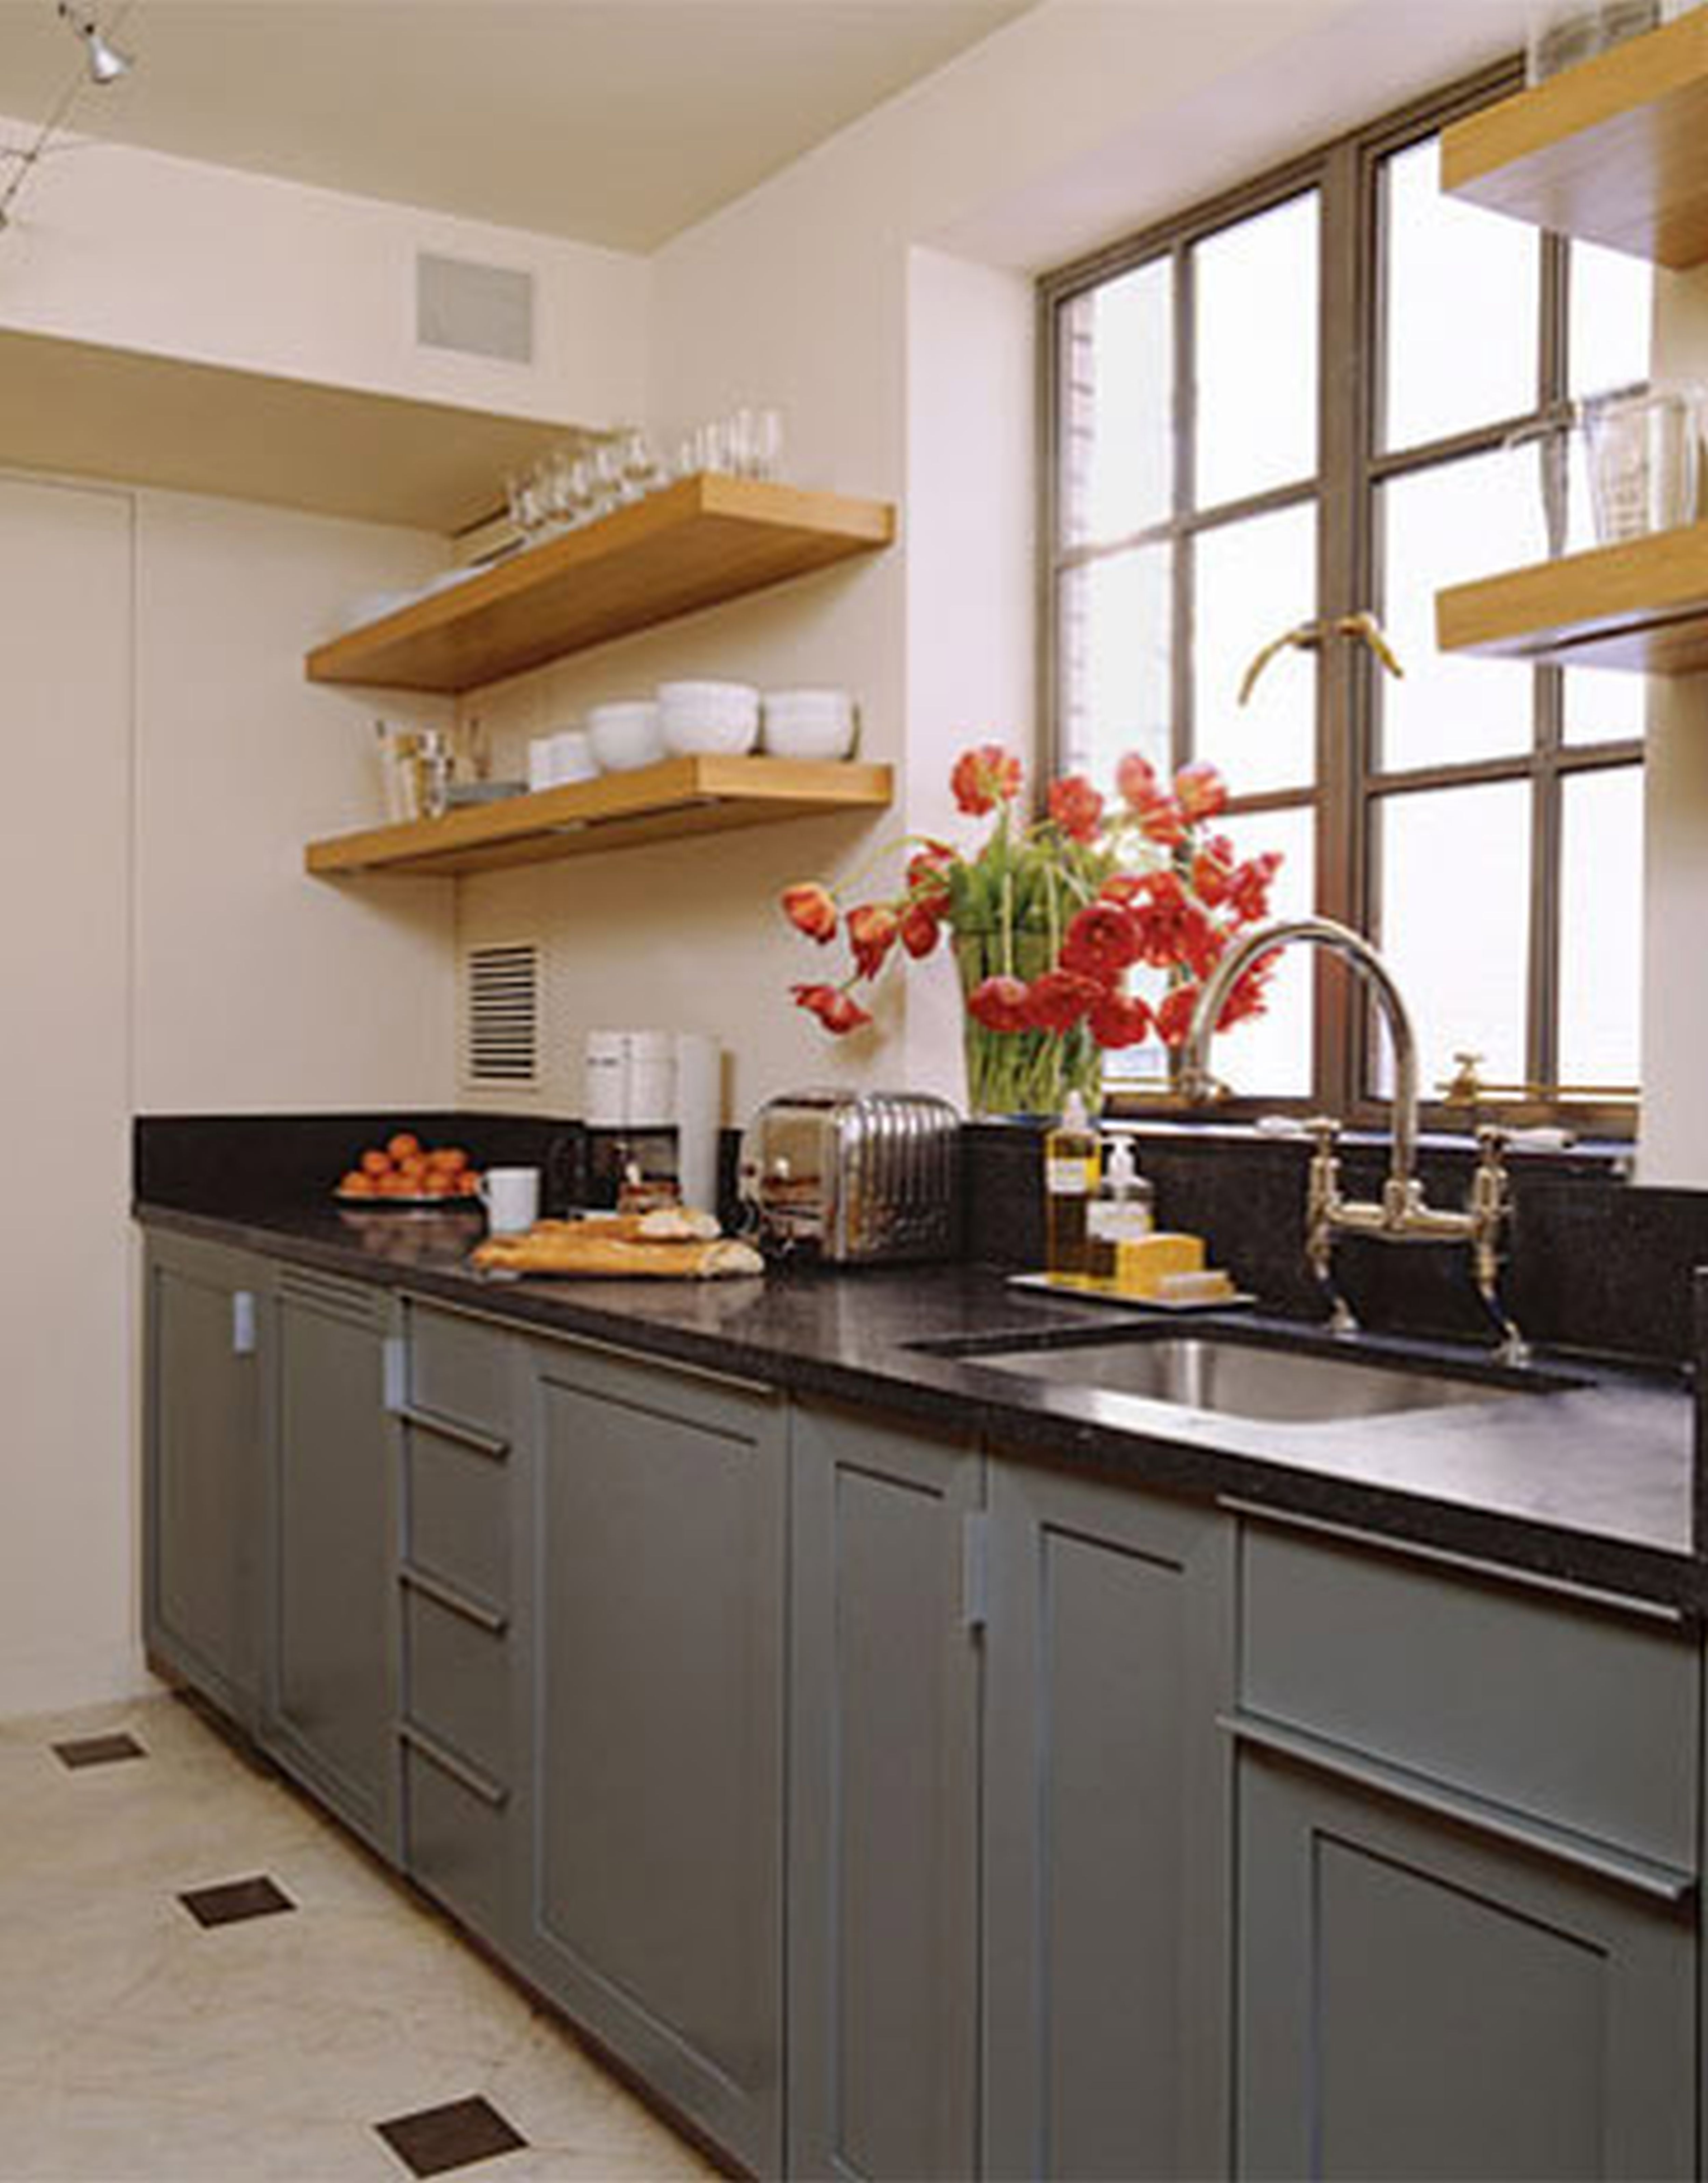 schmalen schrank für küche mit bildern